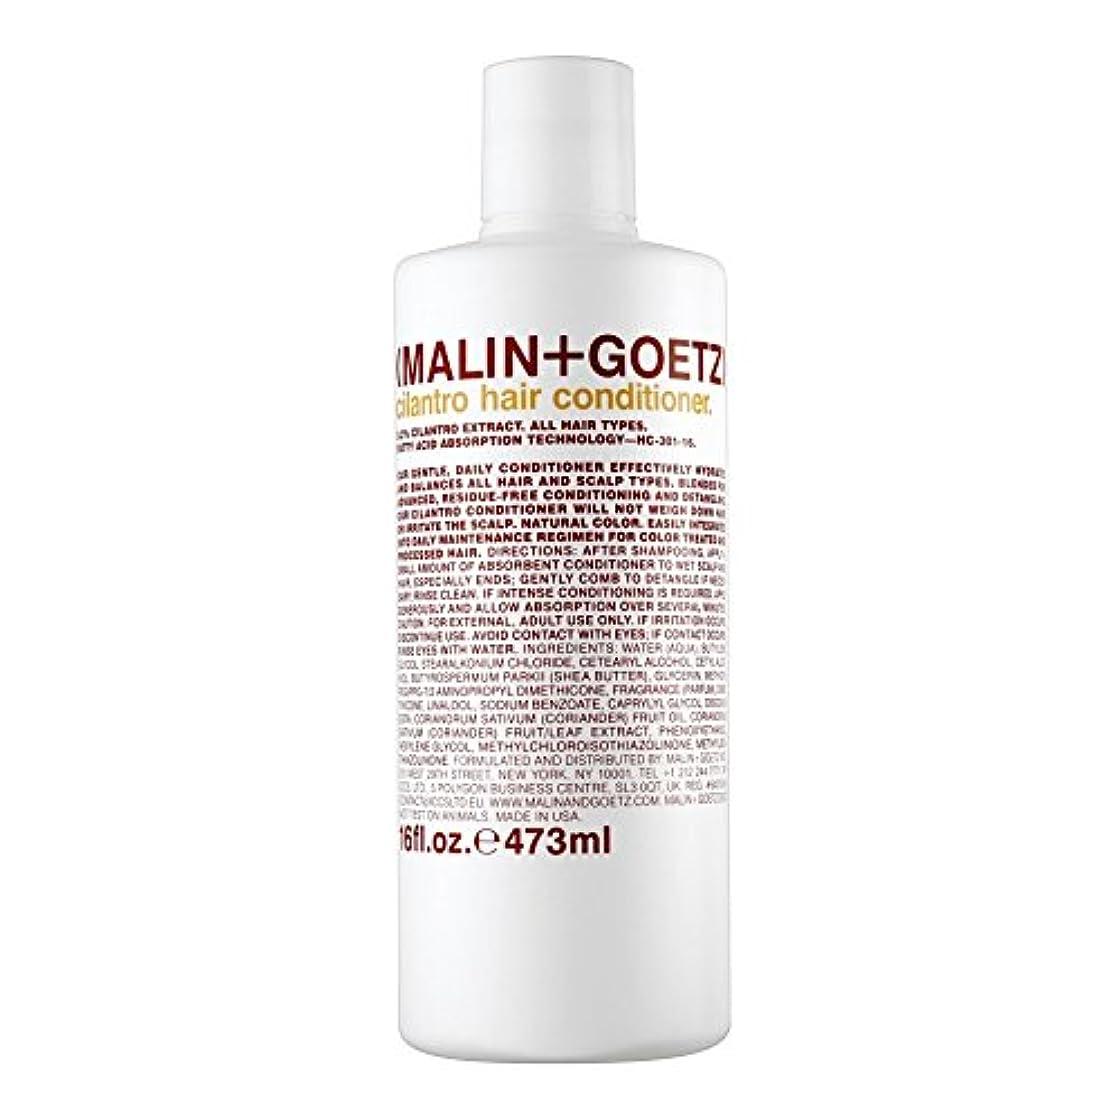 注意ホールドオールビジョンマリン+ゲッツコリアンダーのヘアコンディショナー473ミリリットル x2 - MALIN+GOETZ Cilantro Hair Conditioner 473ml (Pack of 2) [並行輸入品]